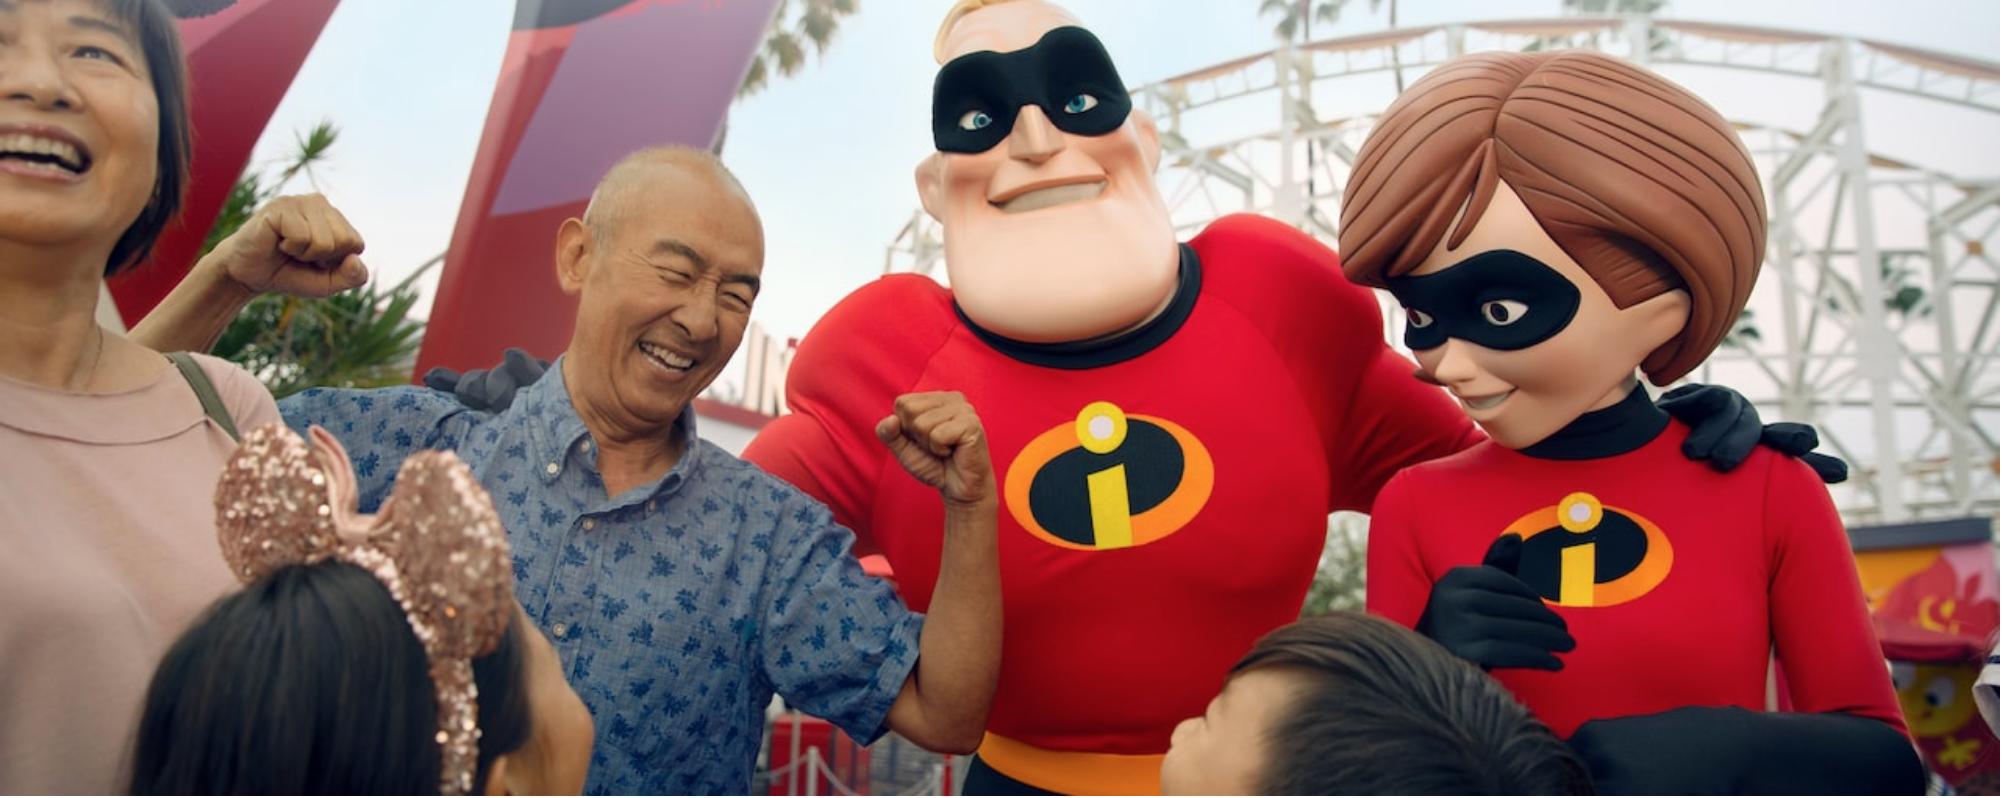 Promotion sur les billets du Disneyland Resort pour les résidents Canadiens